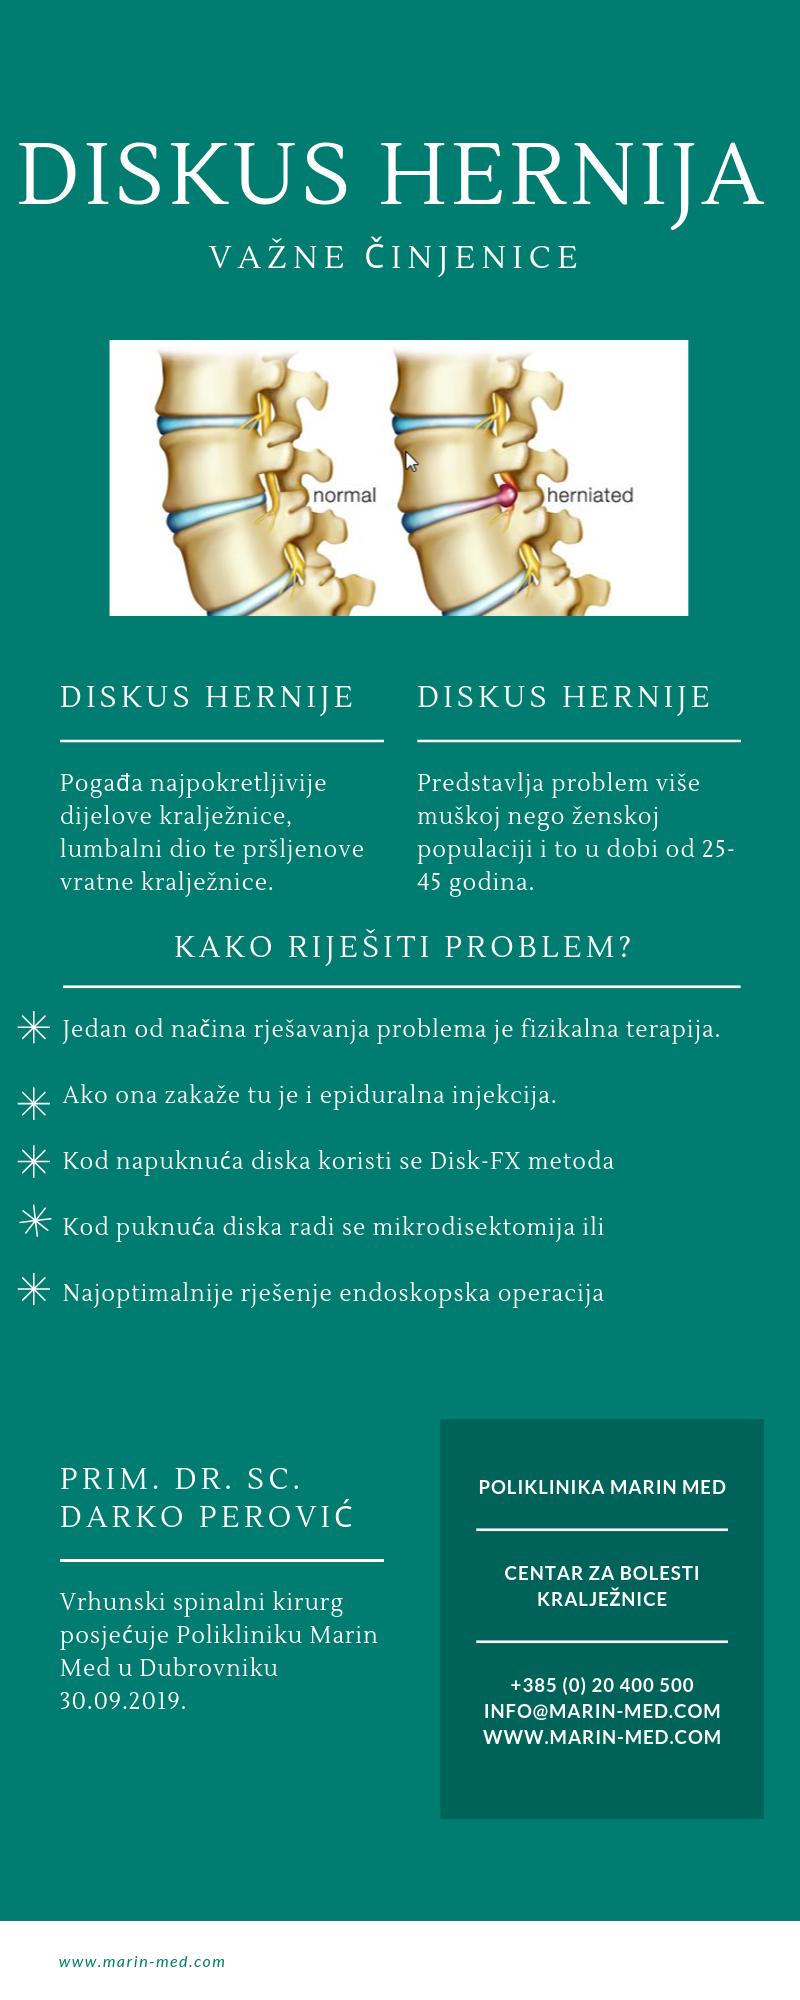 Disk hernije (Diskus hernije)